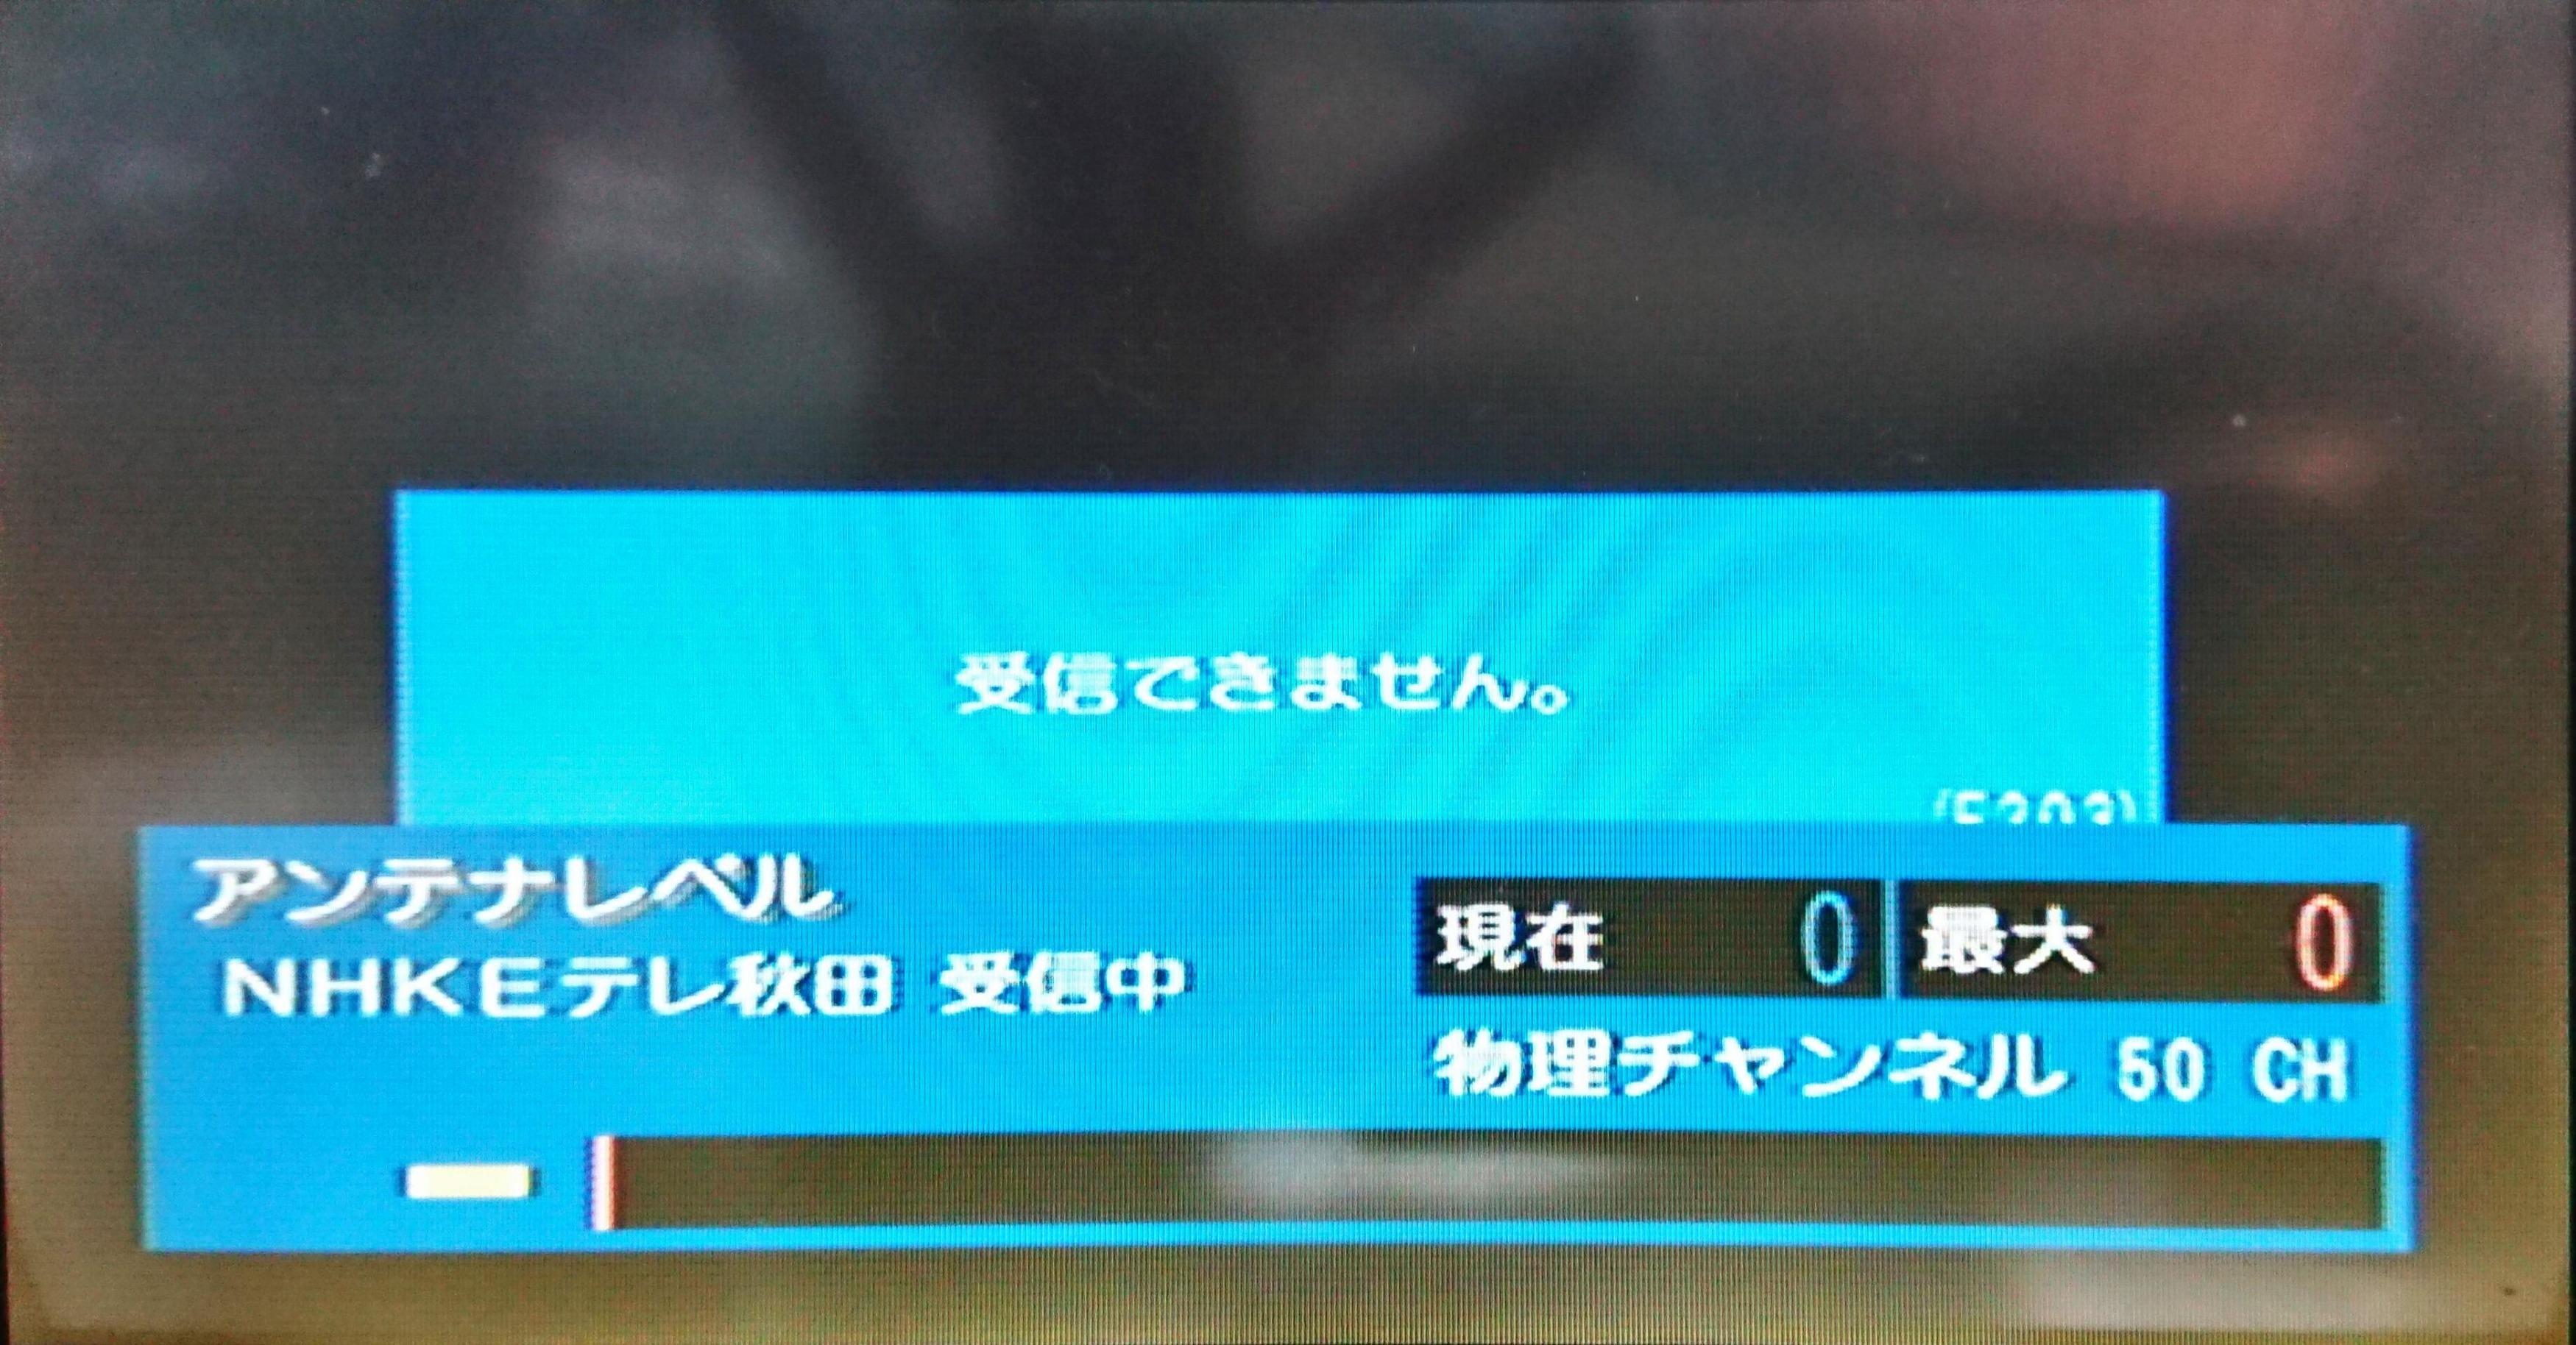 2019_12_23 NHKE0